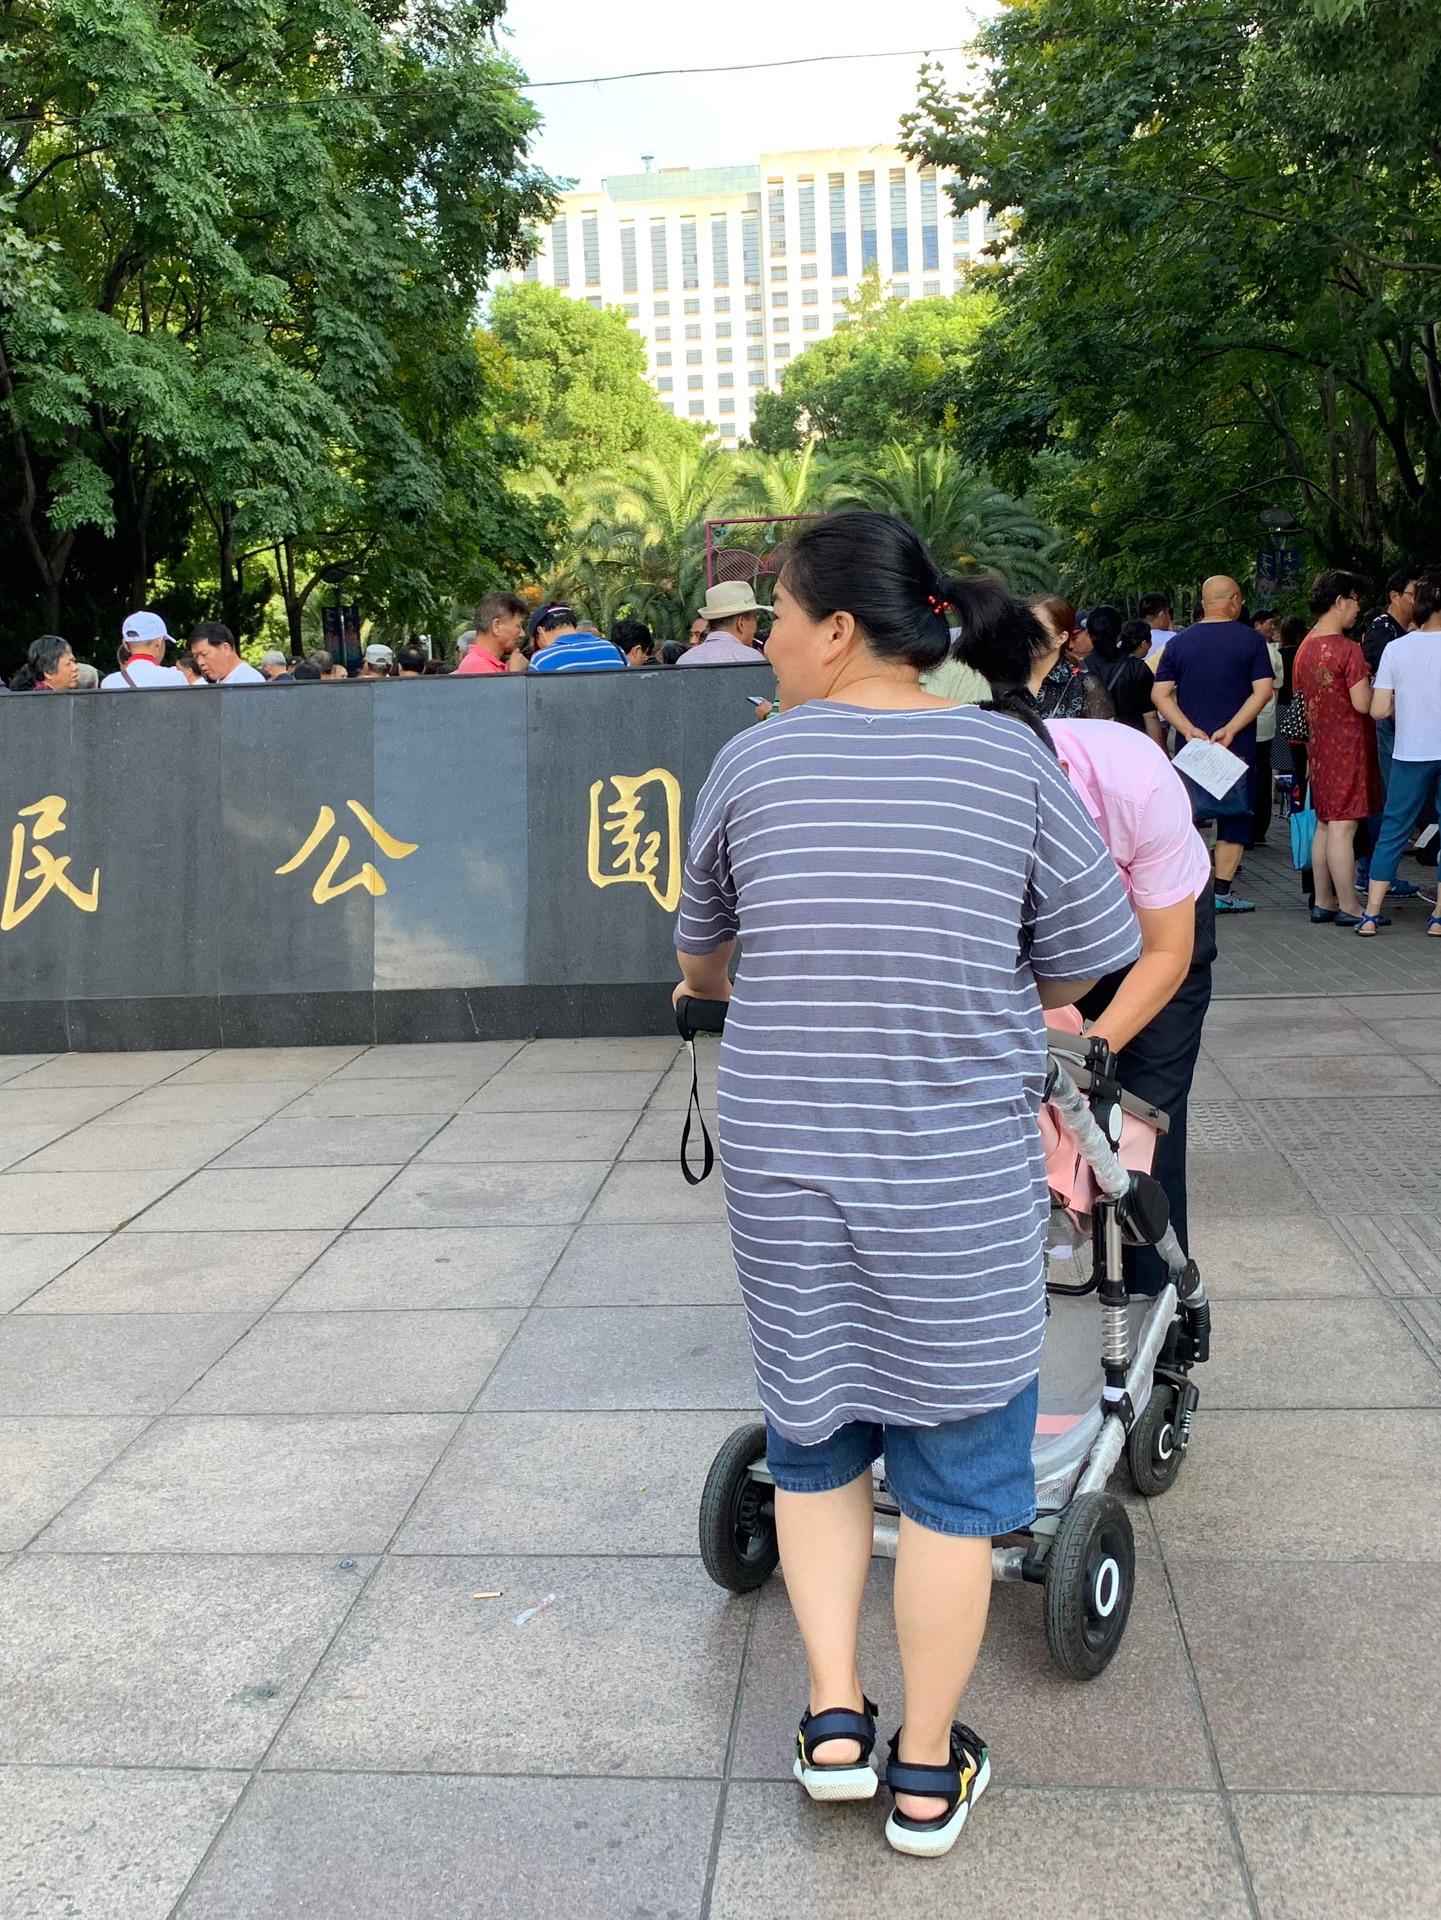 周末上海闲逛奇遇下